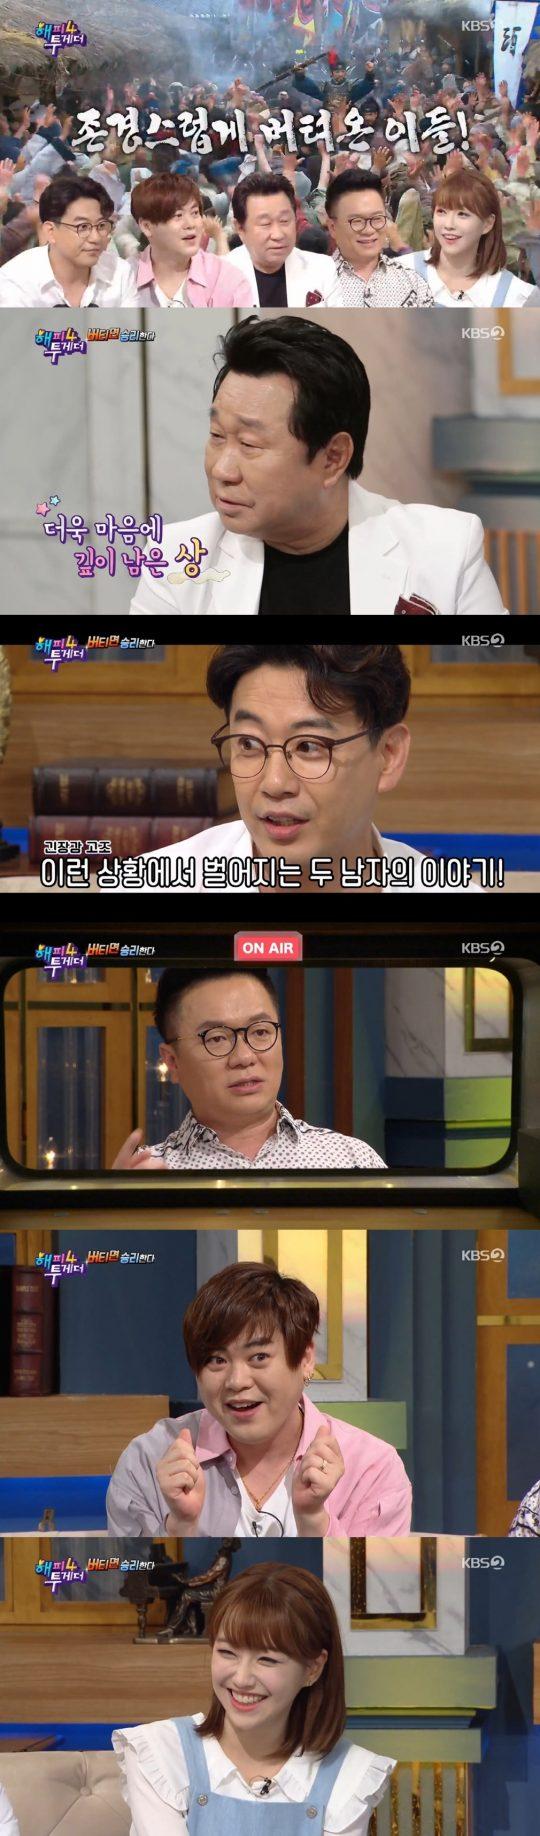 '해피투게더4' 강아랑, 임하룡, 김경식, 김태균, 문희준 / 사진=KBS